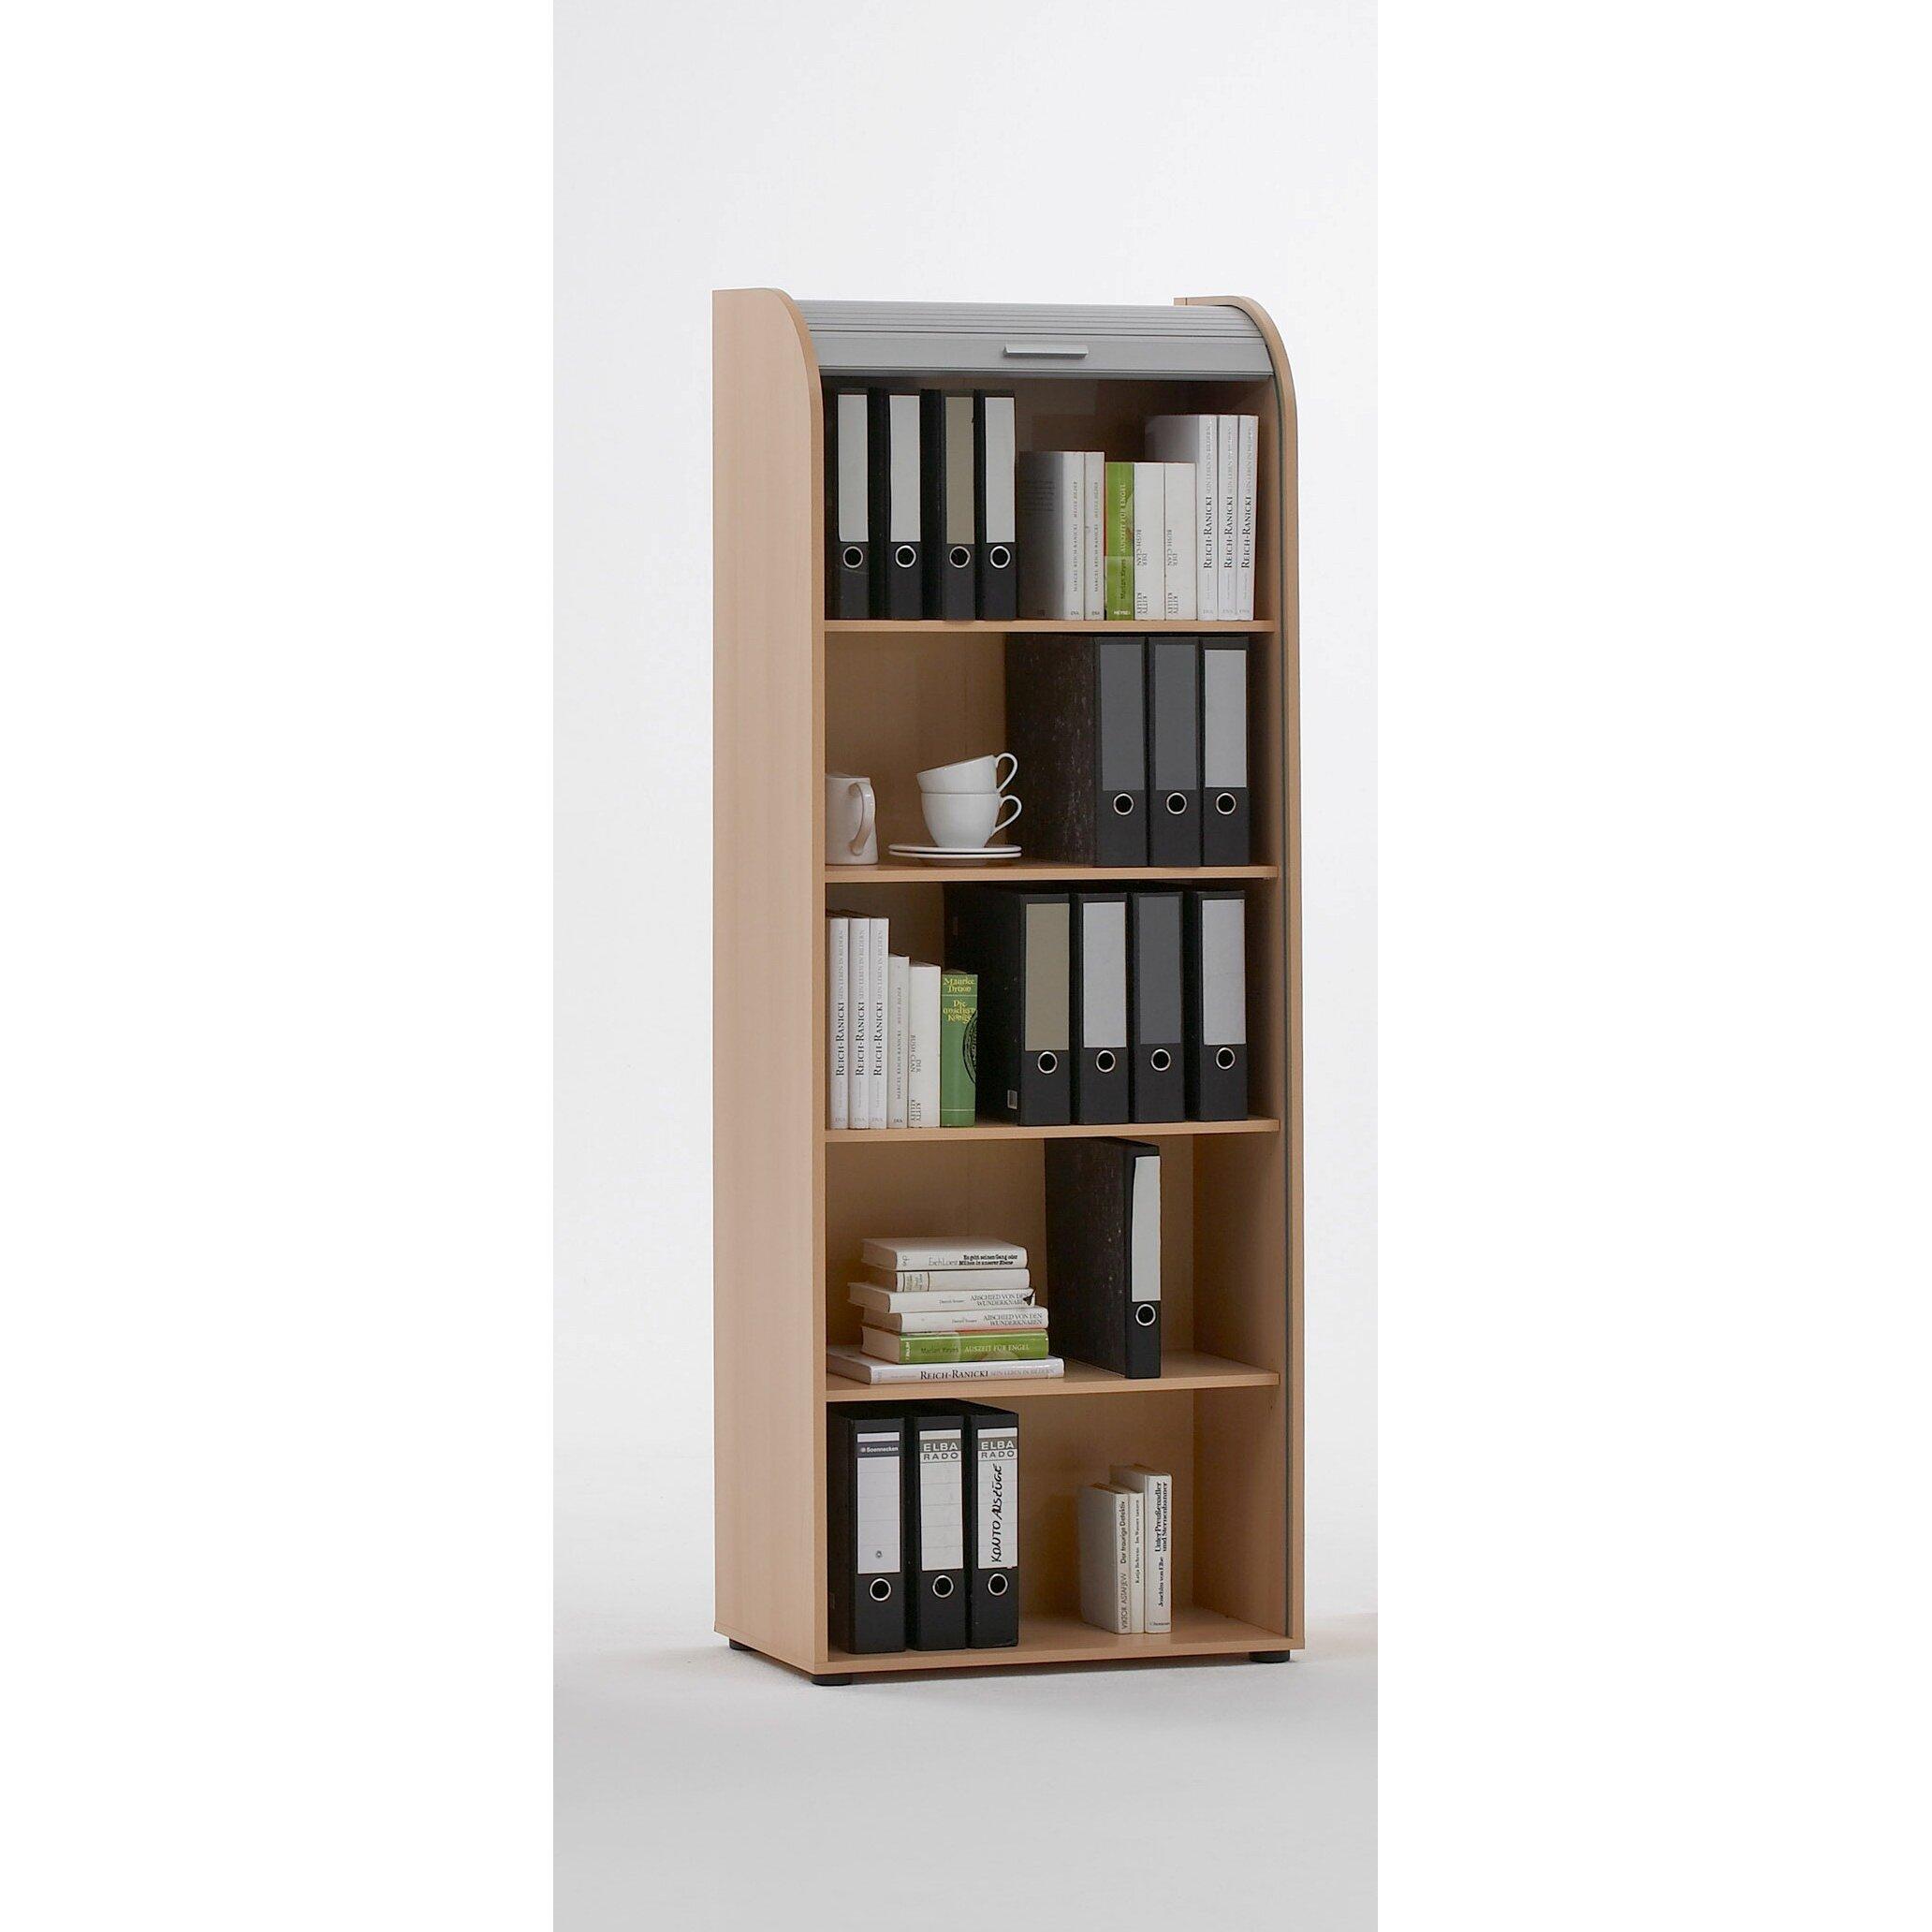 fmd aufbewahrungsschrank profi bewertungen. Black Bedroom Furniture Sets. Home Design Ideas